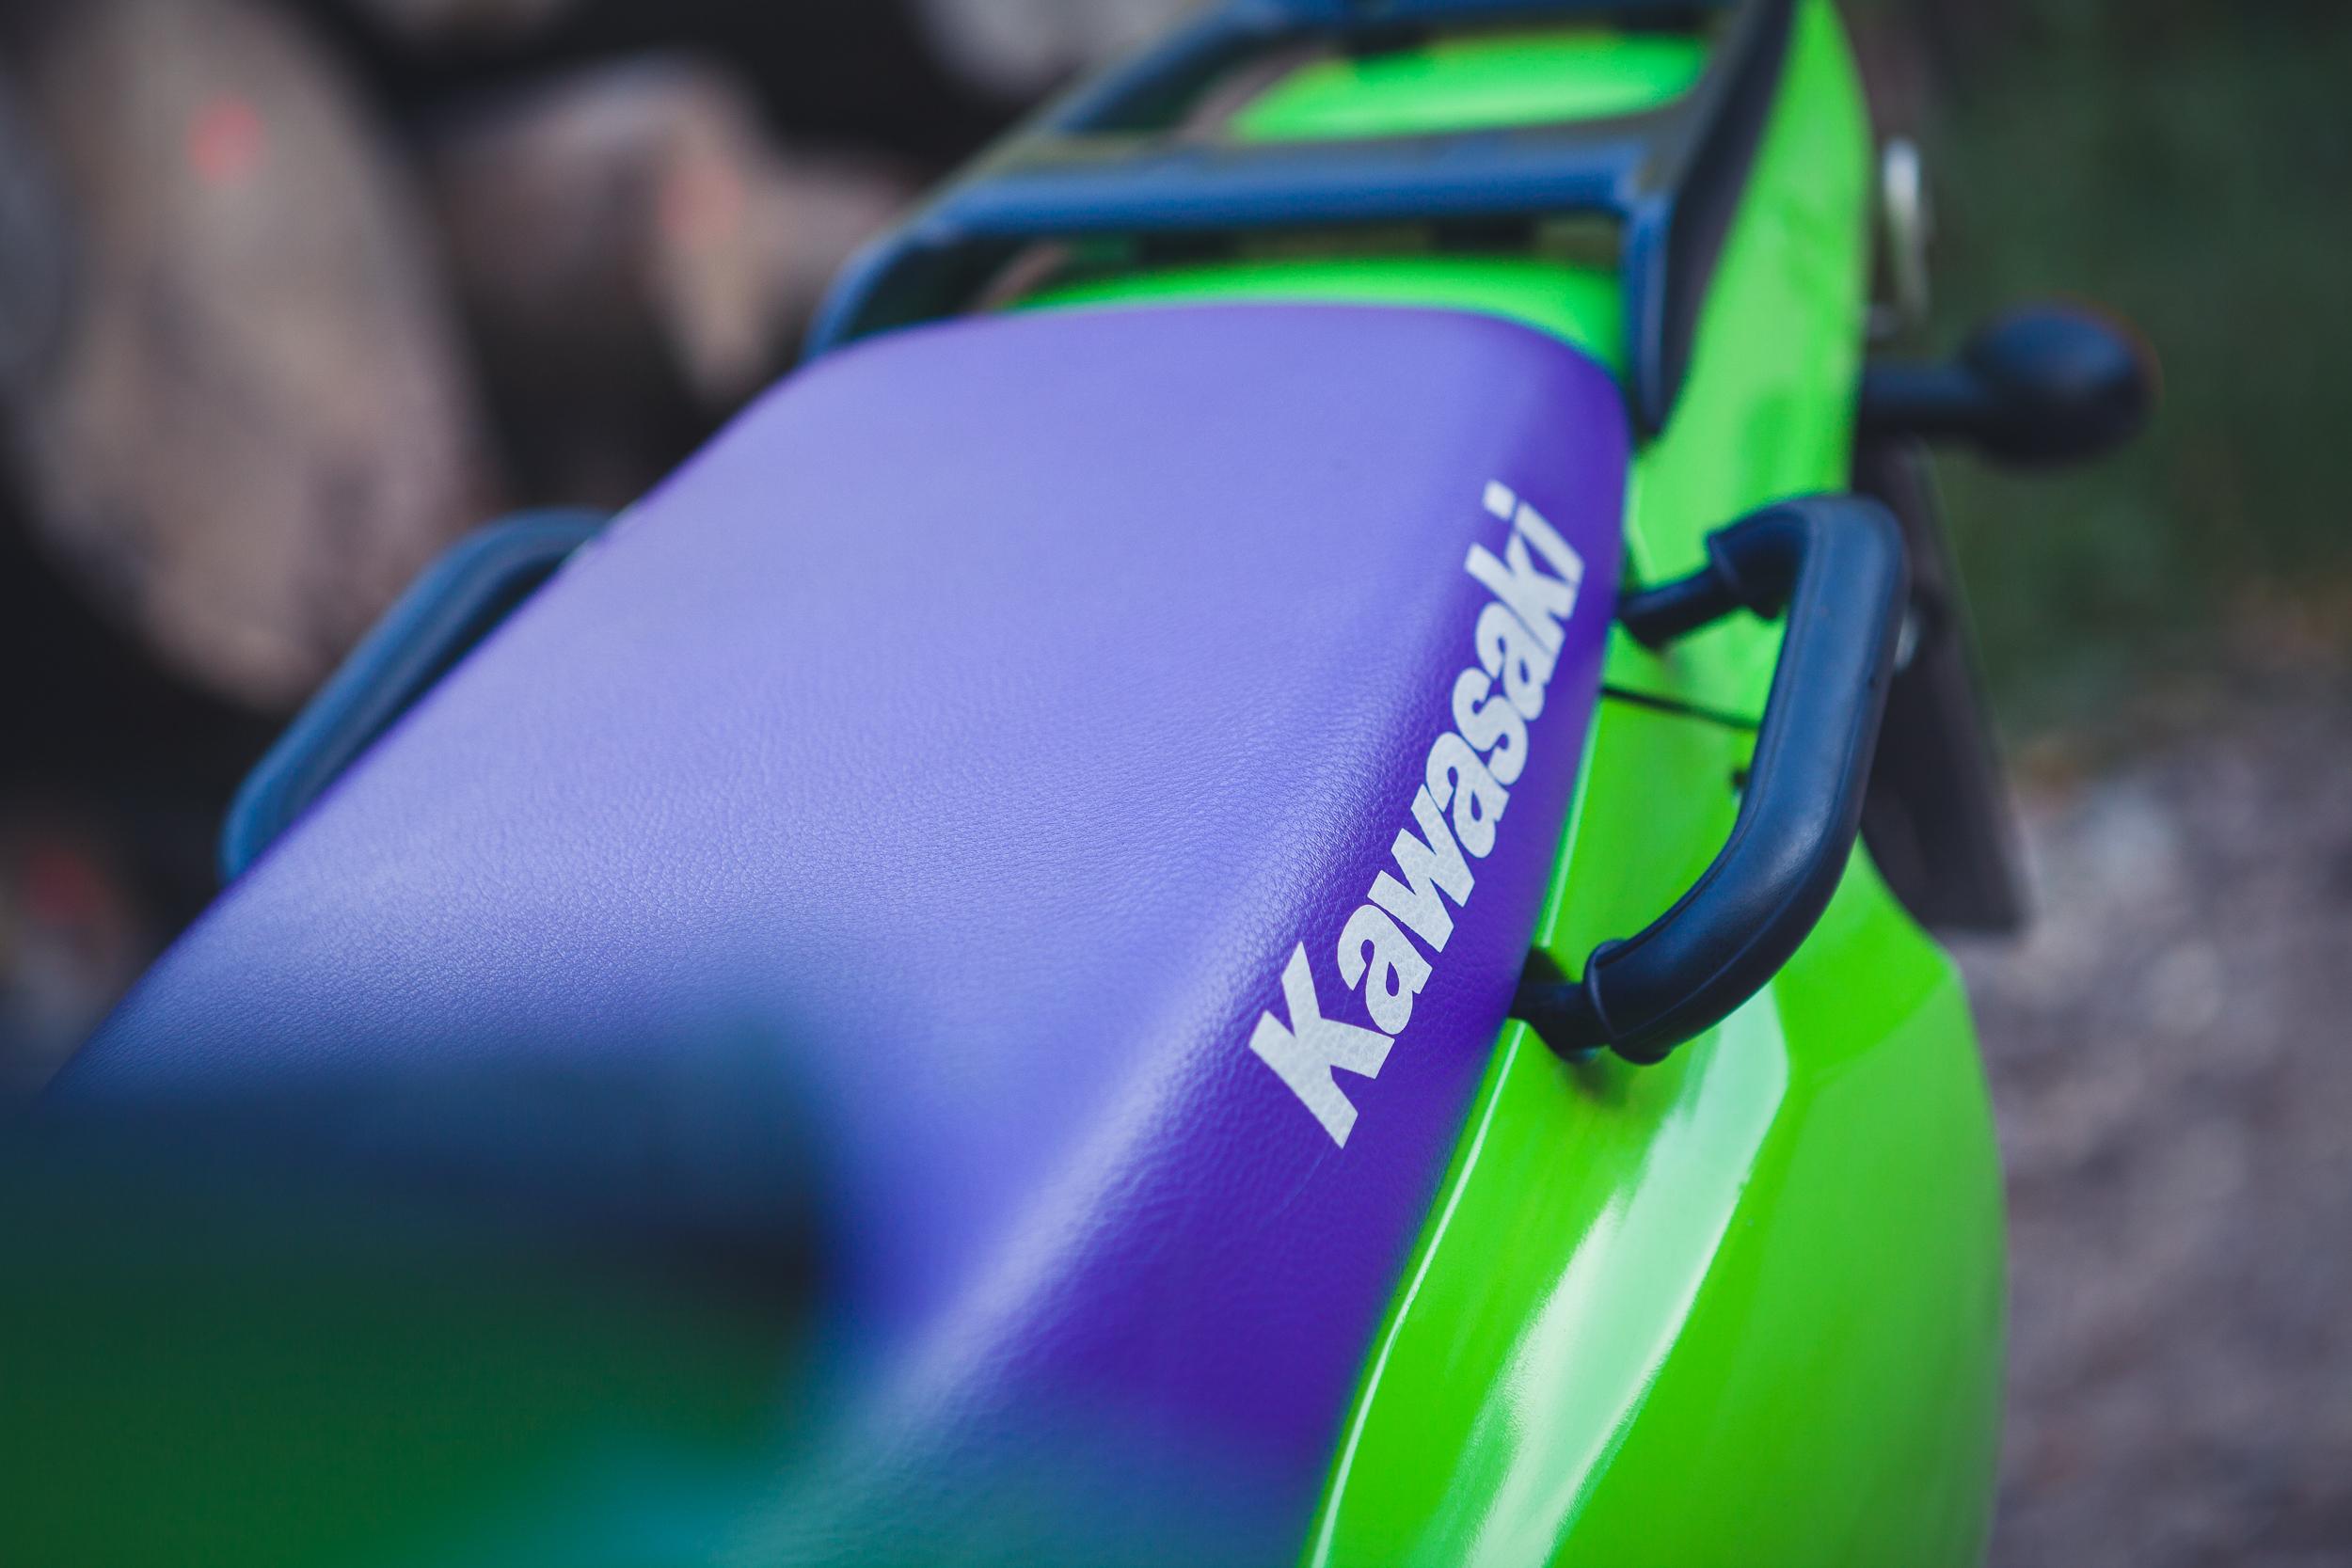 Kawasaki-HD-131003-0011